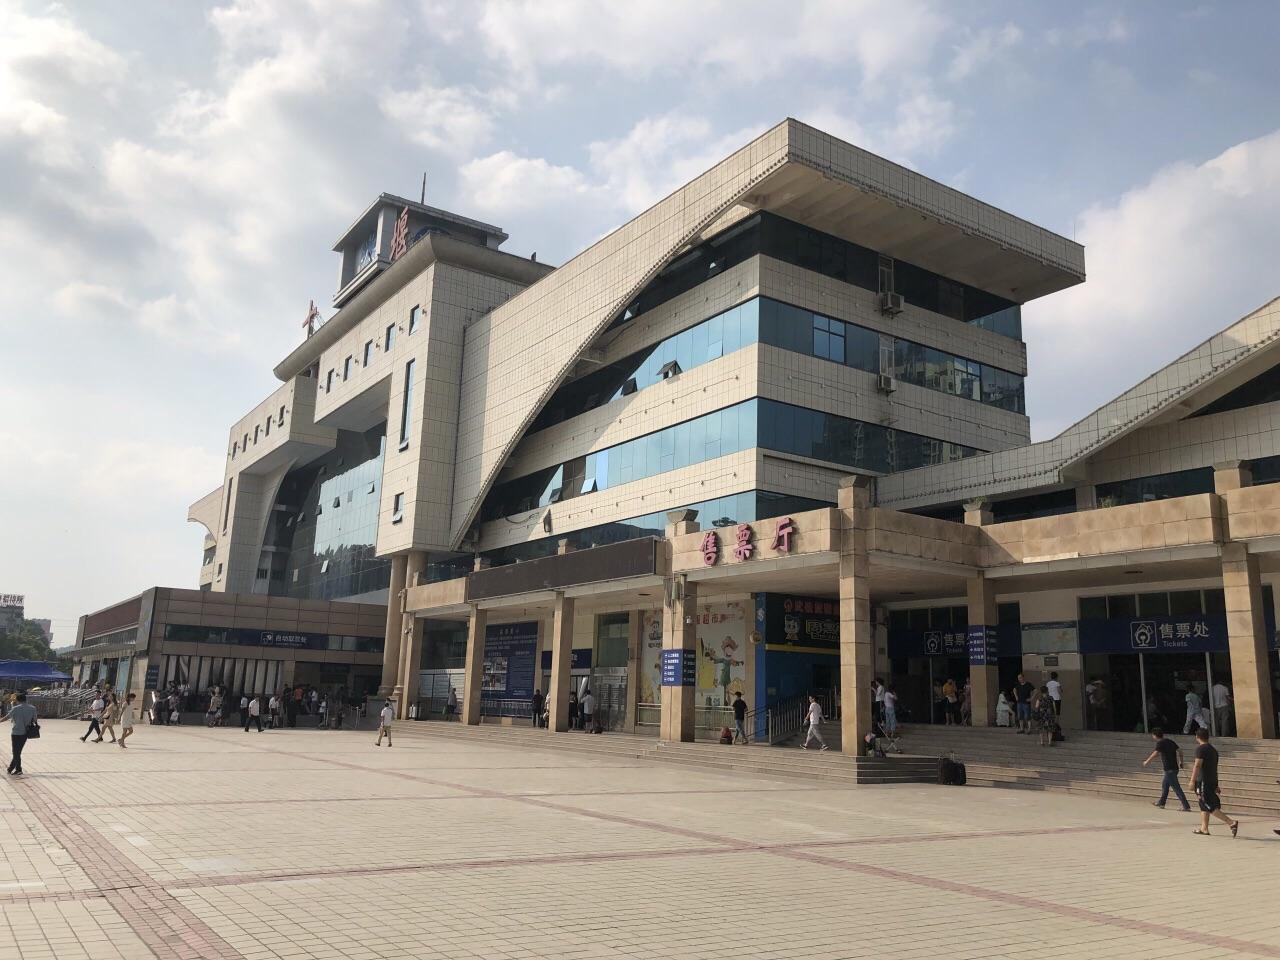 十堰站站前广场